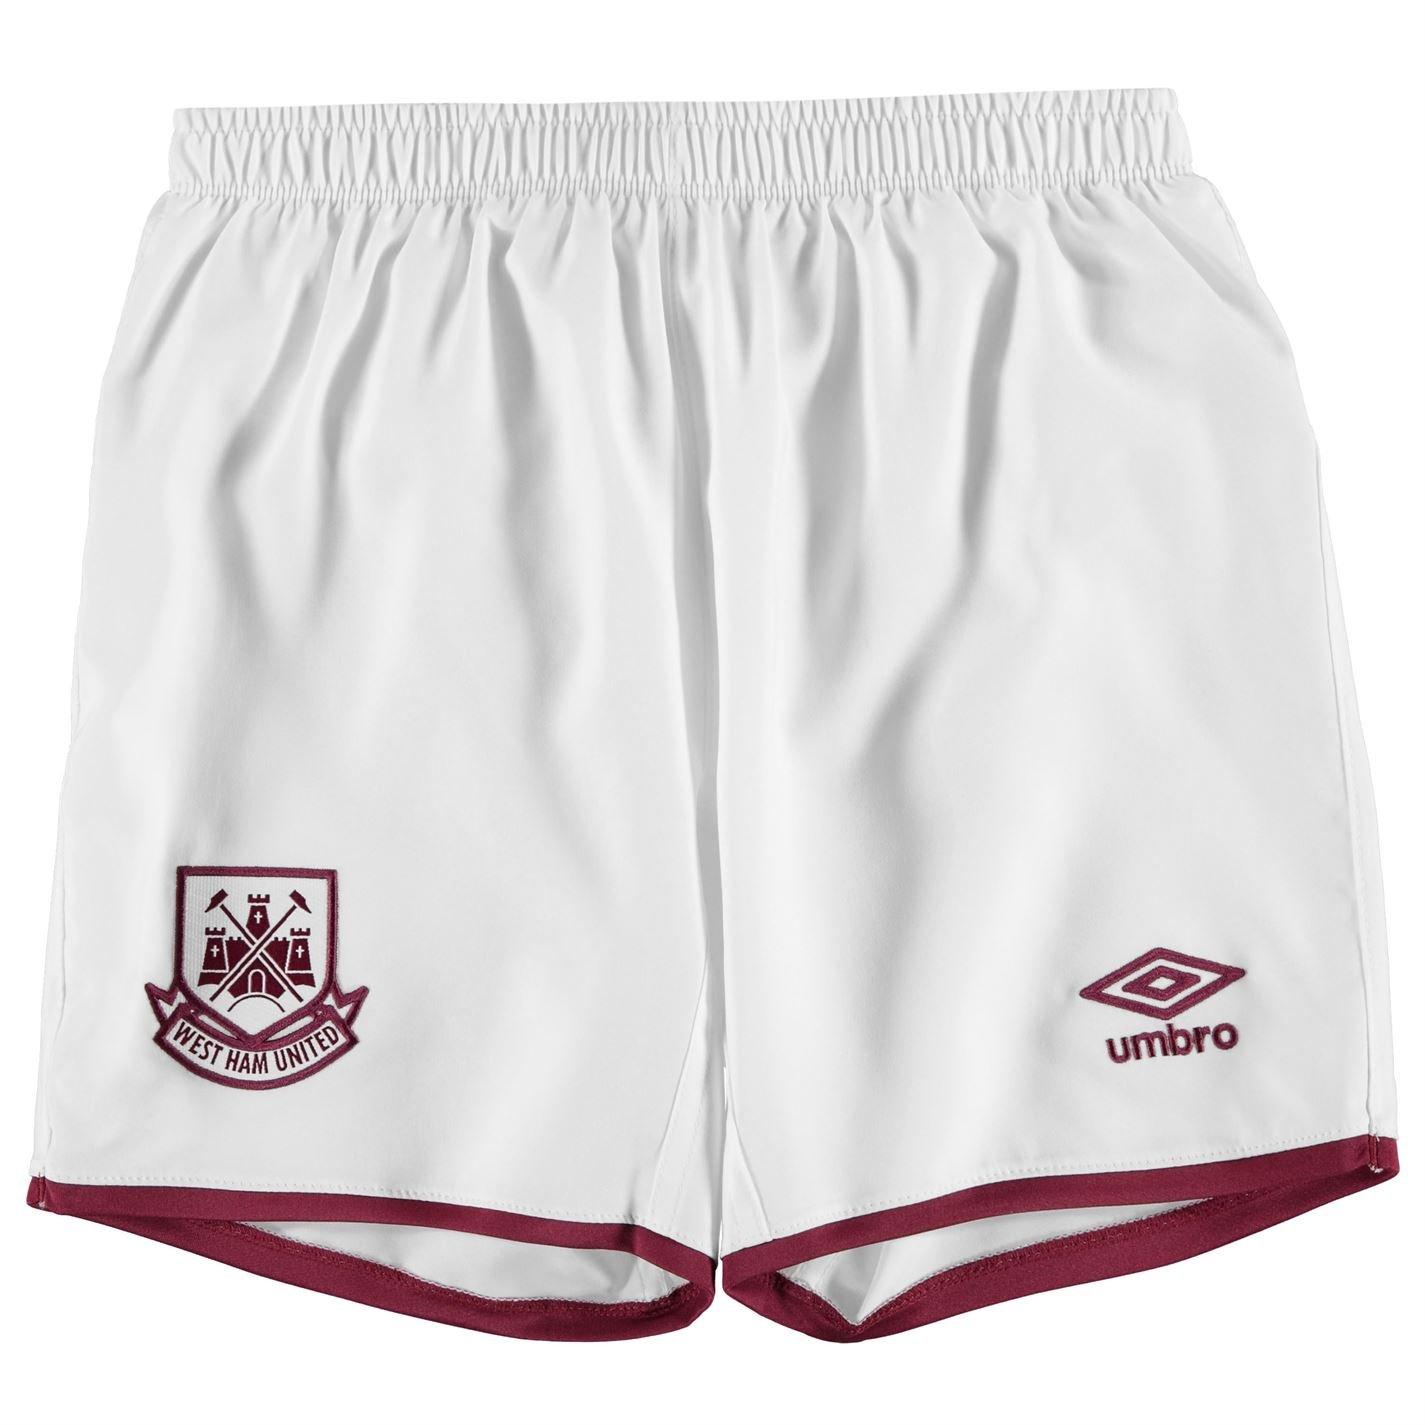 Umbro Ragazzo Junior West Ham FC Casa Pantaloncini 2015-2016 Shorts Calcio